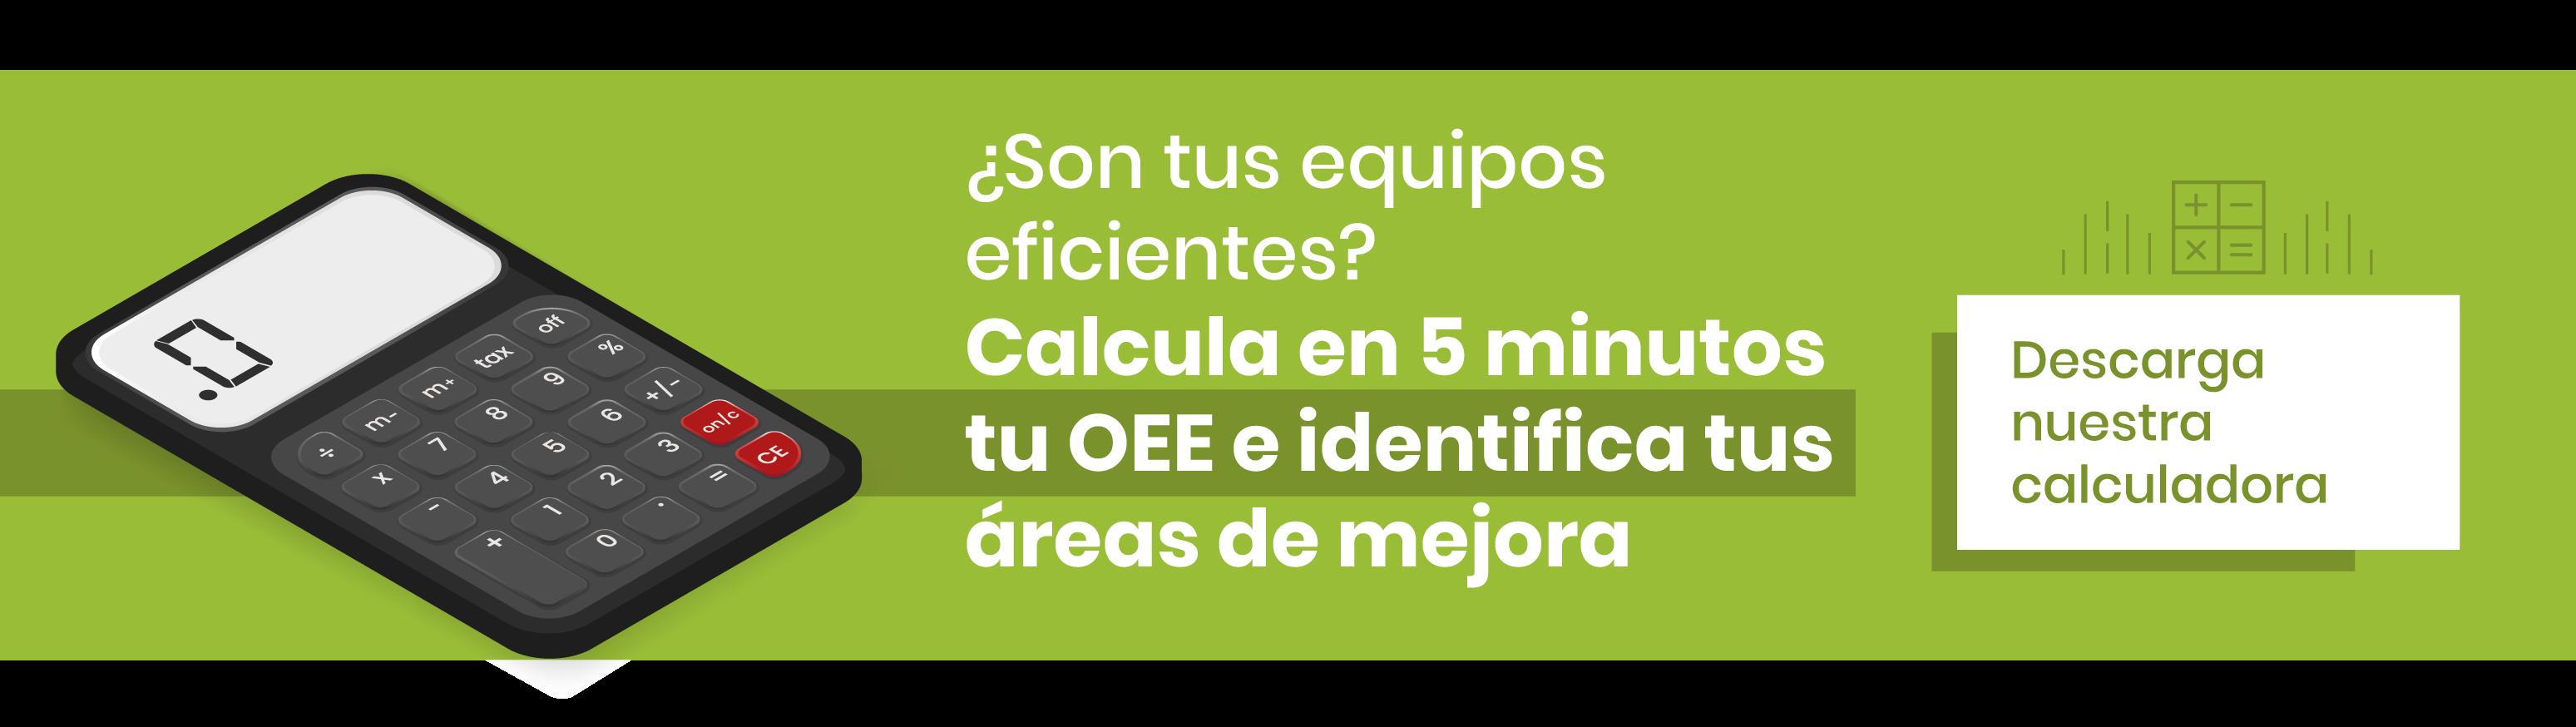 ¿Son tus equipos eficientes? Calcula en 5 minutos tu OEE e identifica tus áreas de mejora